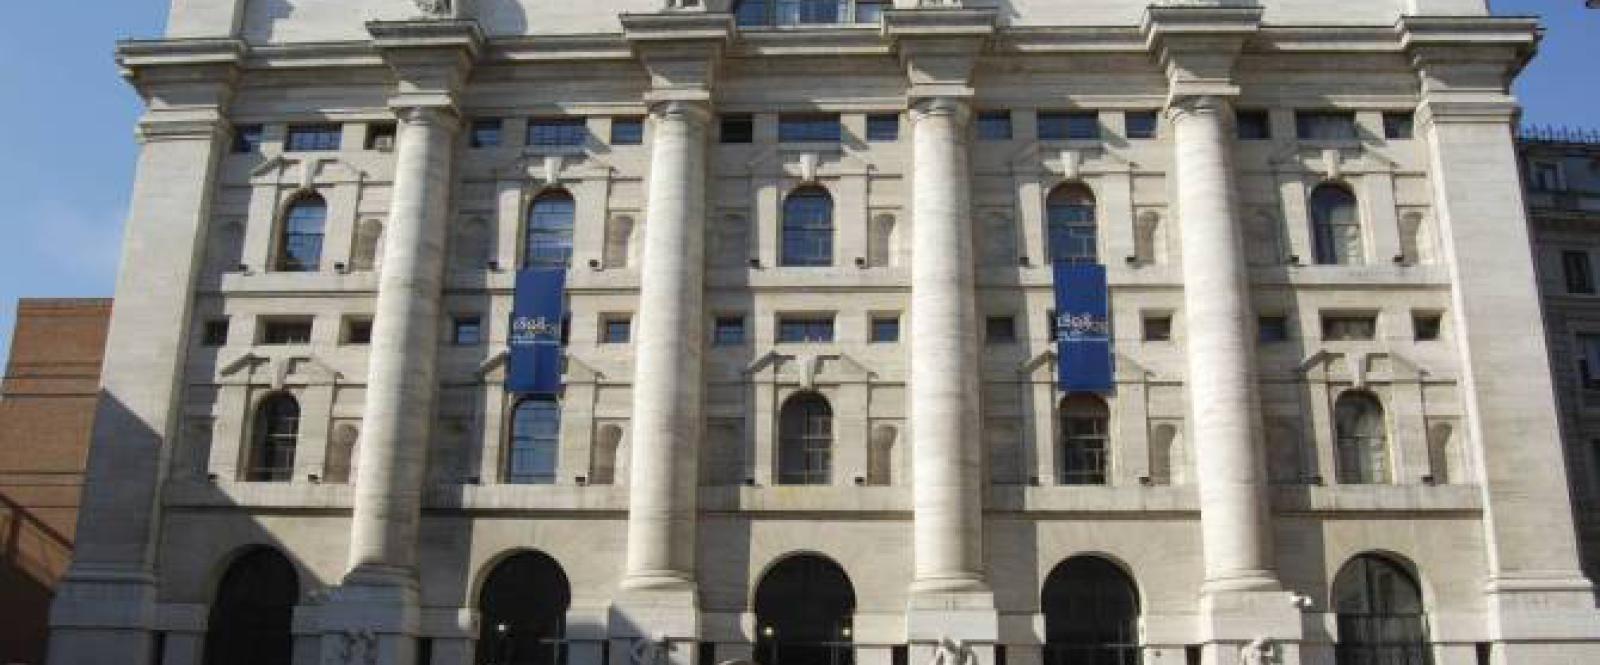 Milano e le altre piazze europee chiudono in positivo. Spread in calo a 148 punti